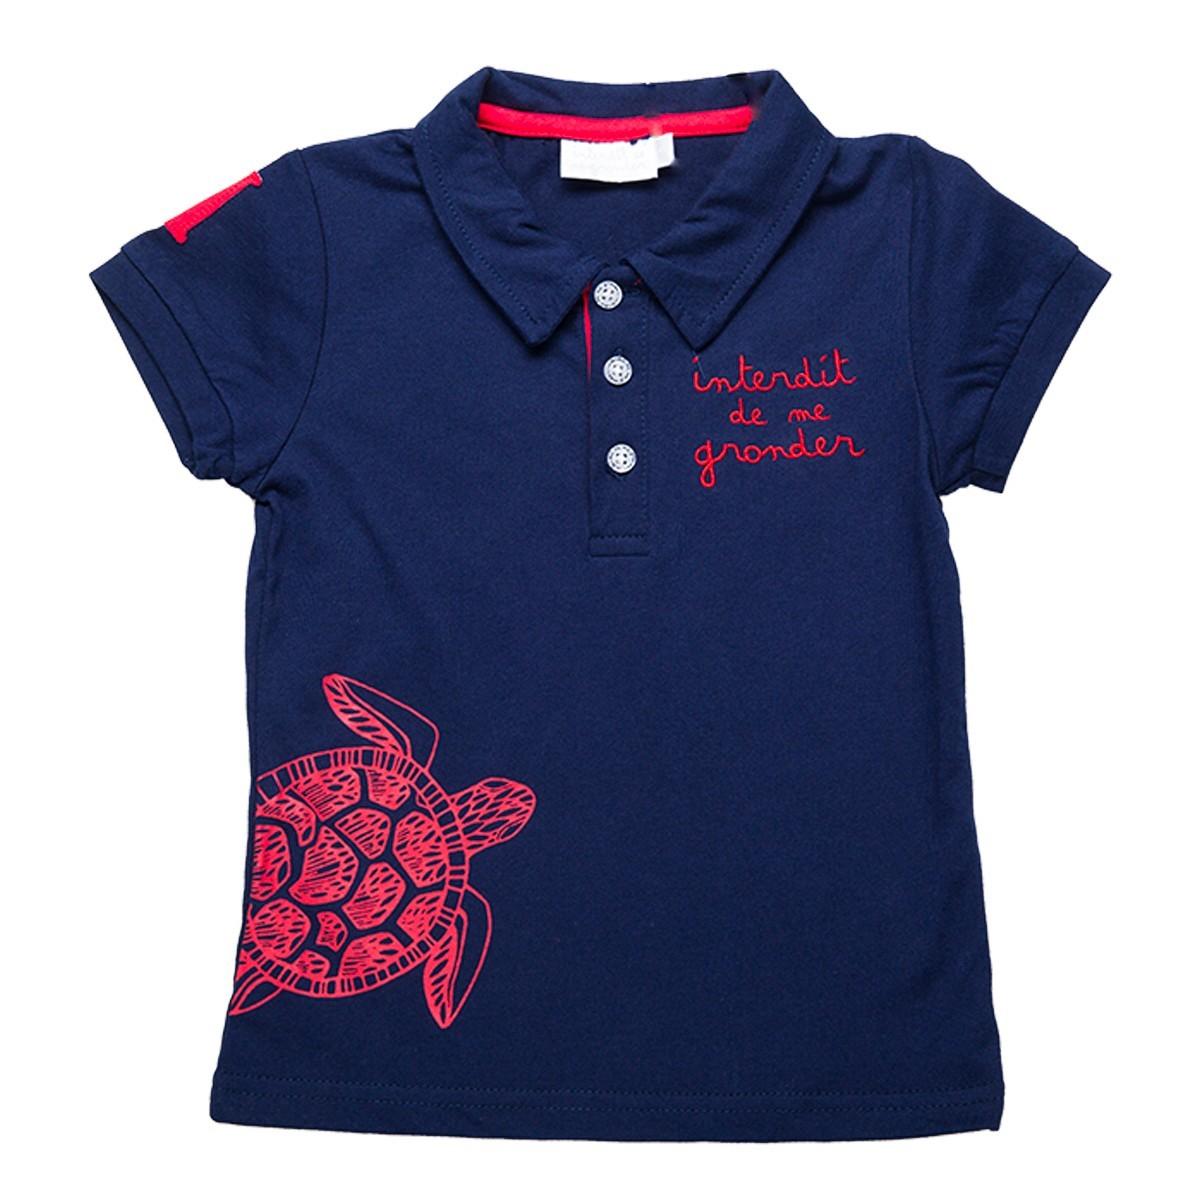 55f476ffe2748 Interdit de me Gronder Vêtements pour Enfants et Bébés